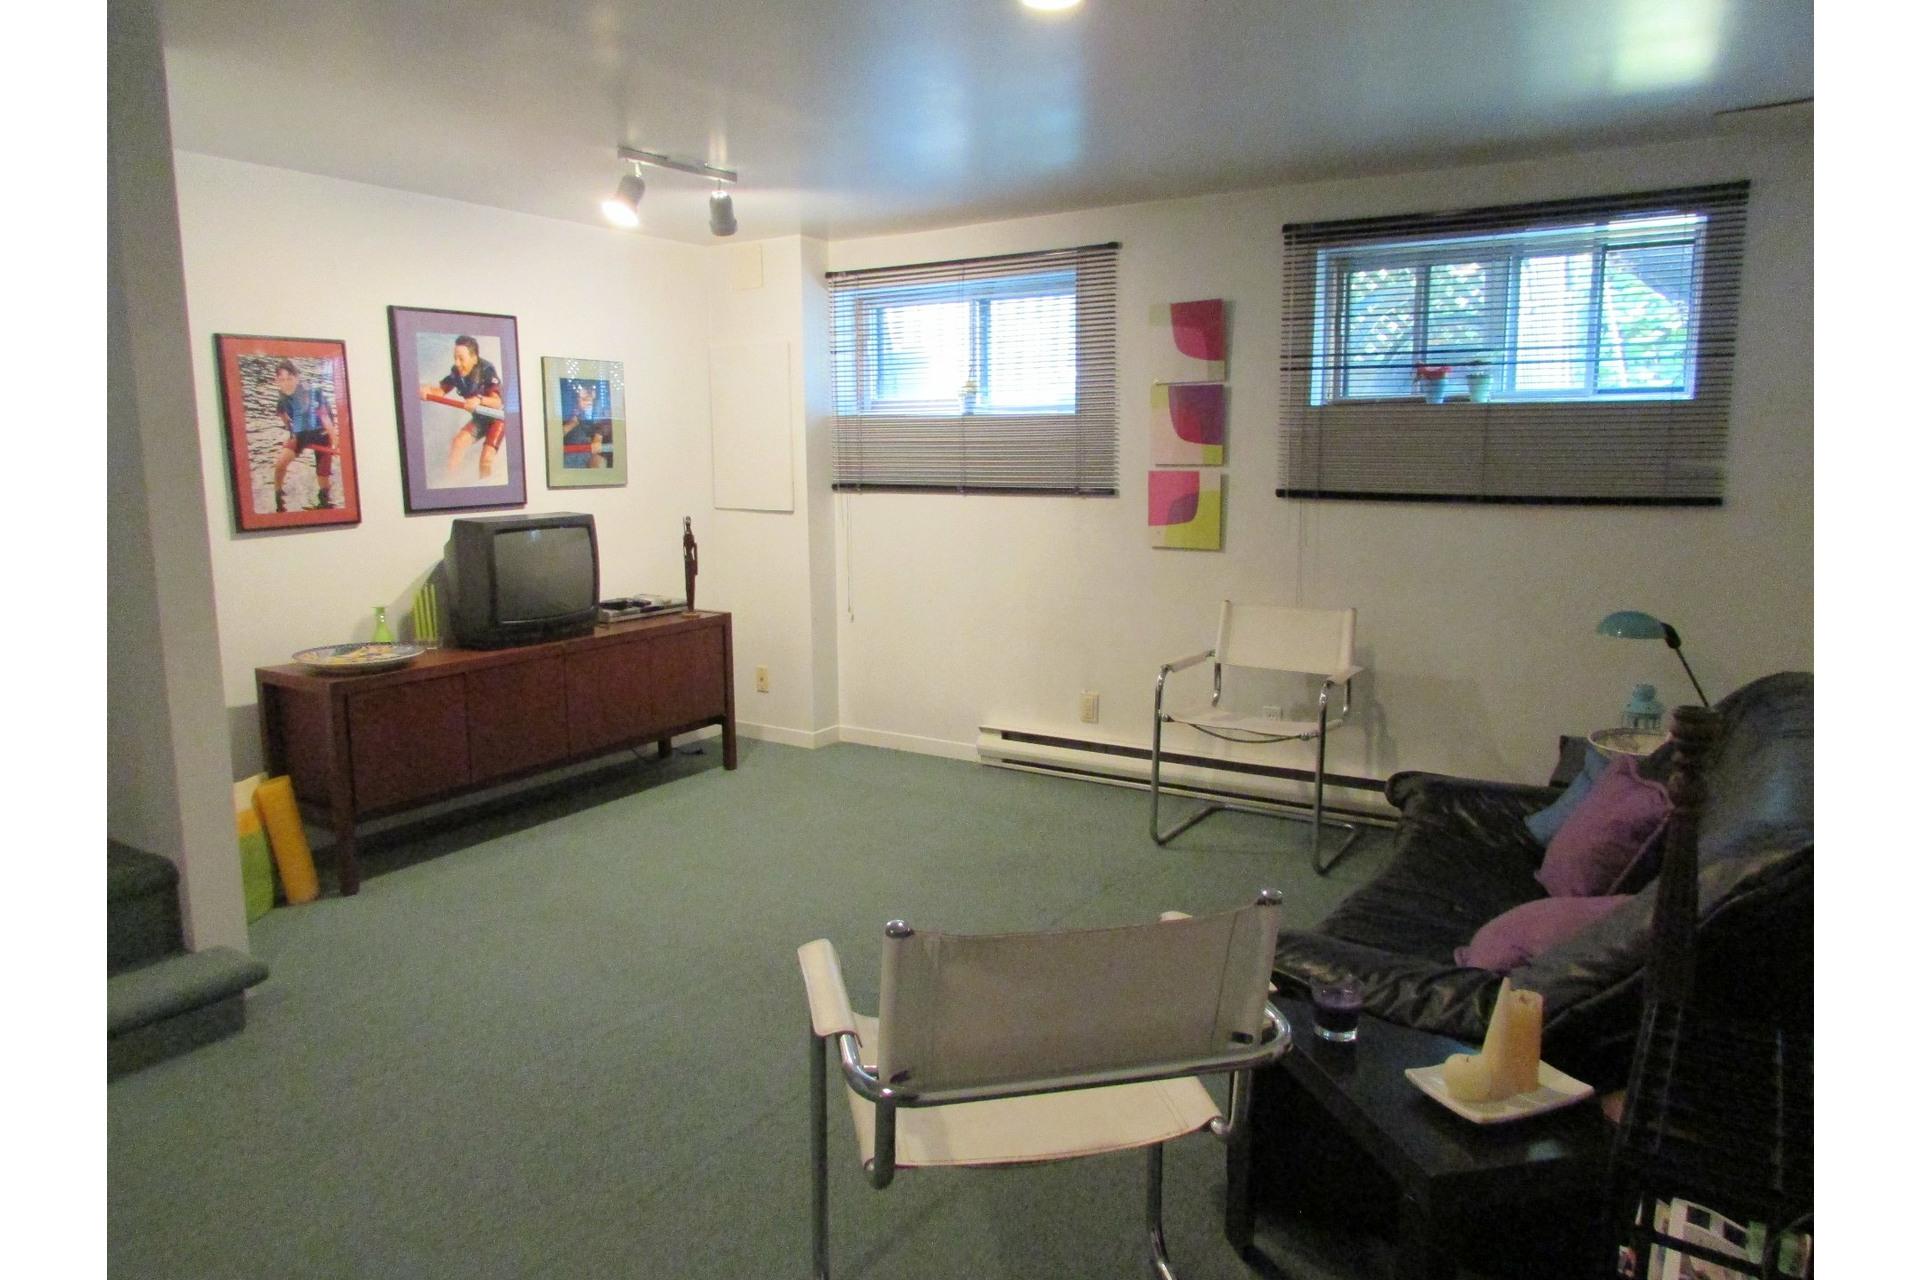 image 19 - House For sale Sainte-Dorothée Laval  - 7 rooms